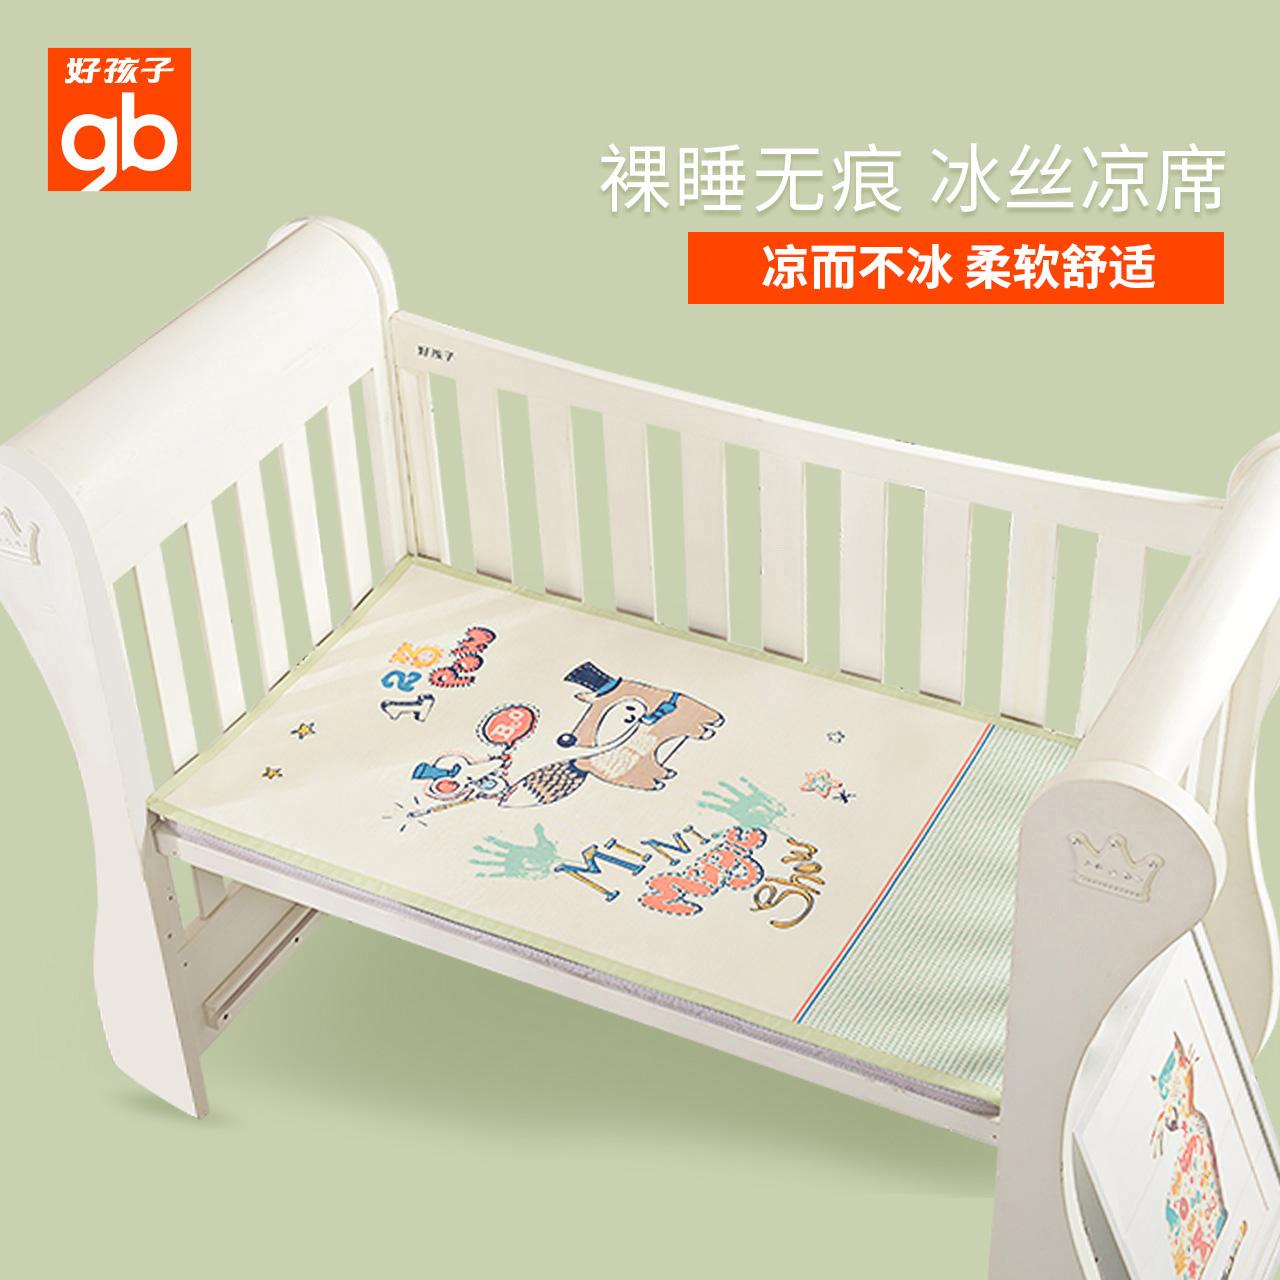 好孩子婴儿凉席BQ17535454